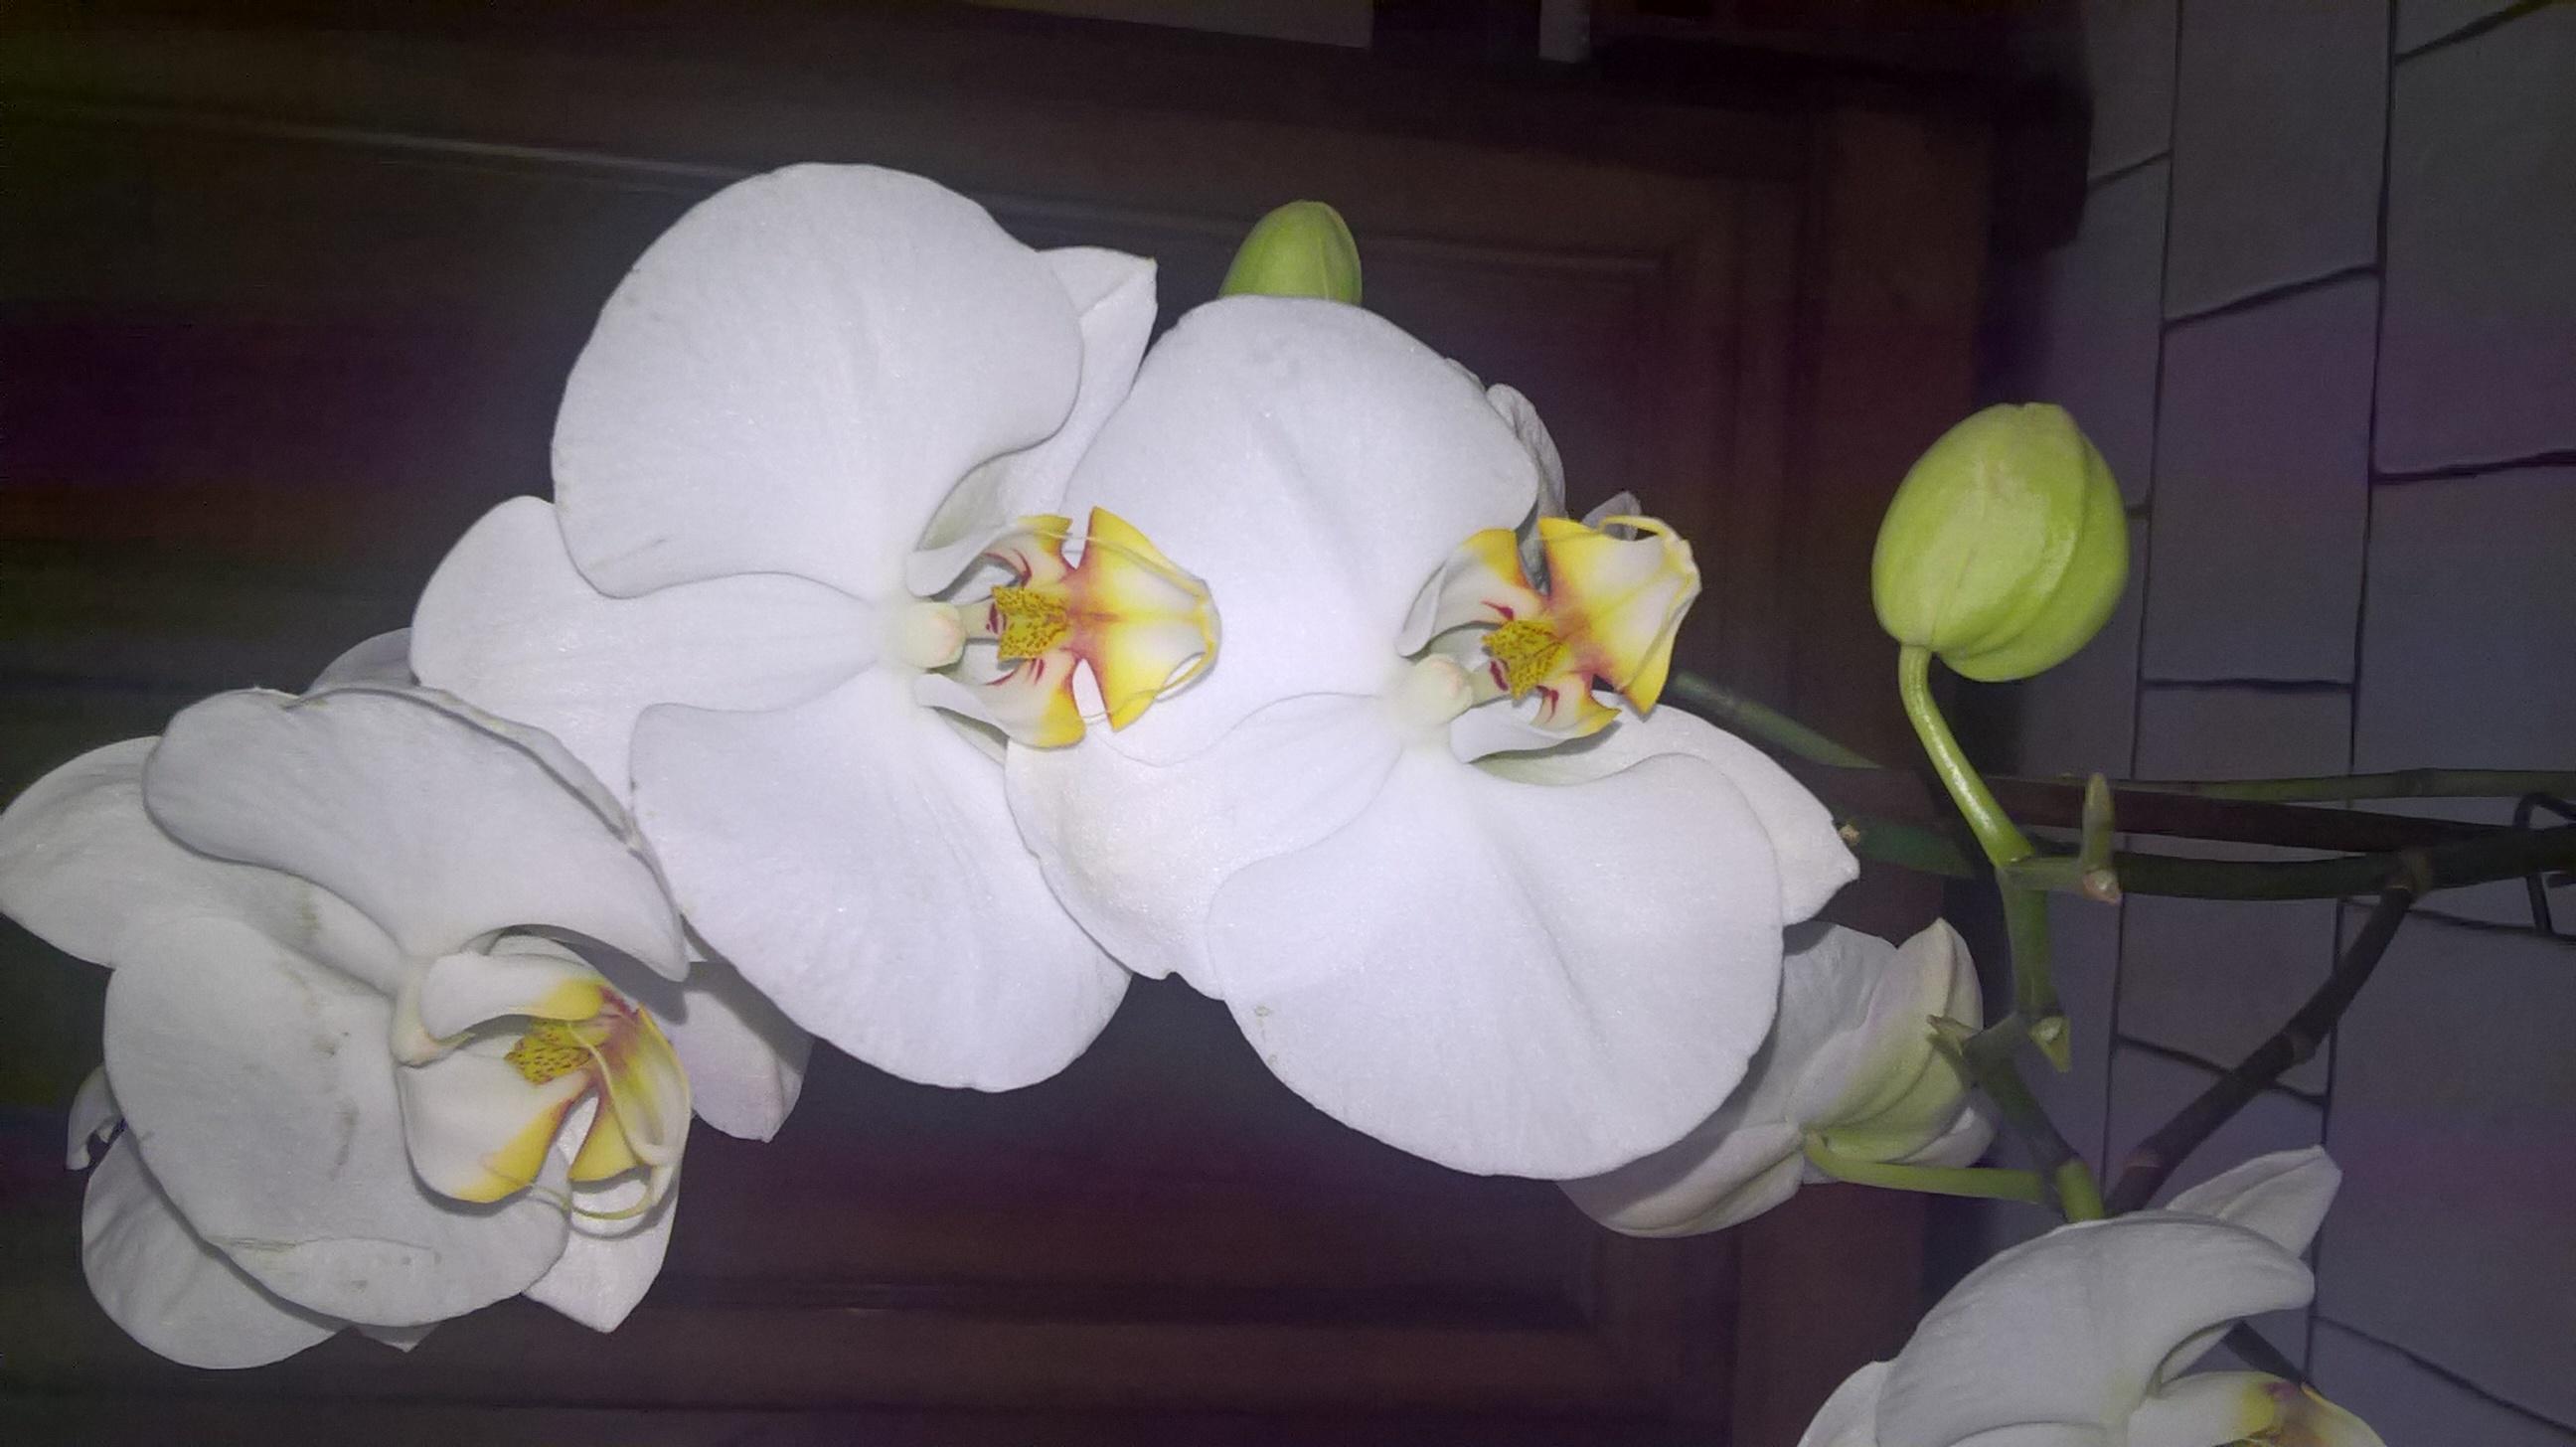 LES VOTES SONT FERMÉS - La fleur du mois (catégorie acheté avec hampe, boutons ou fleurs) - mai 2016 748602WP20160516125840Pro